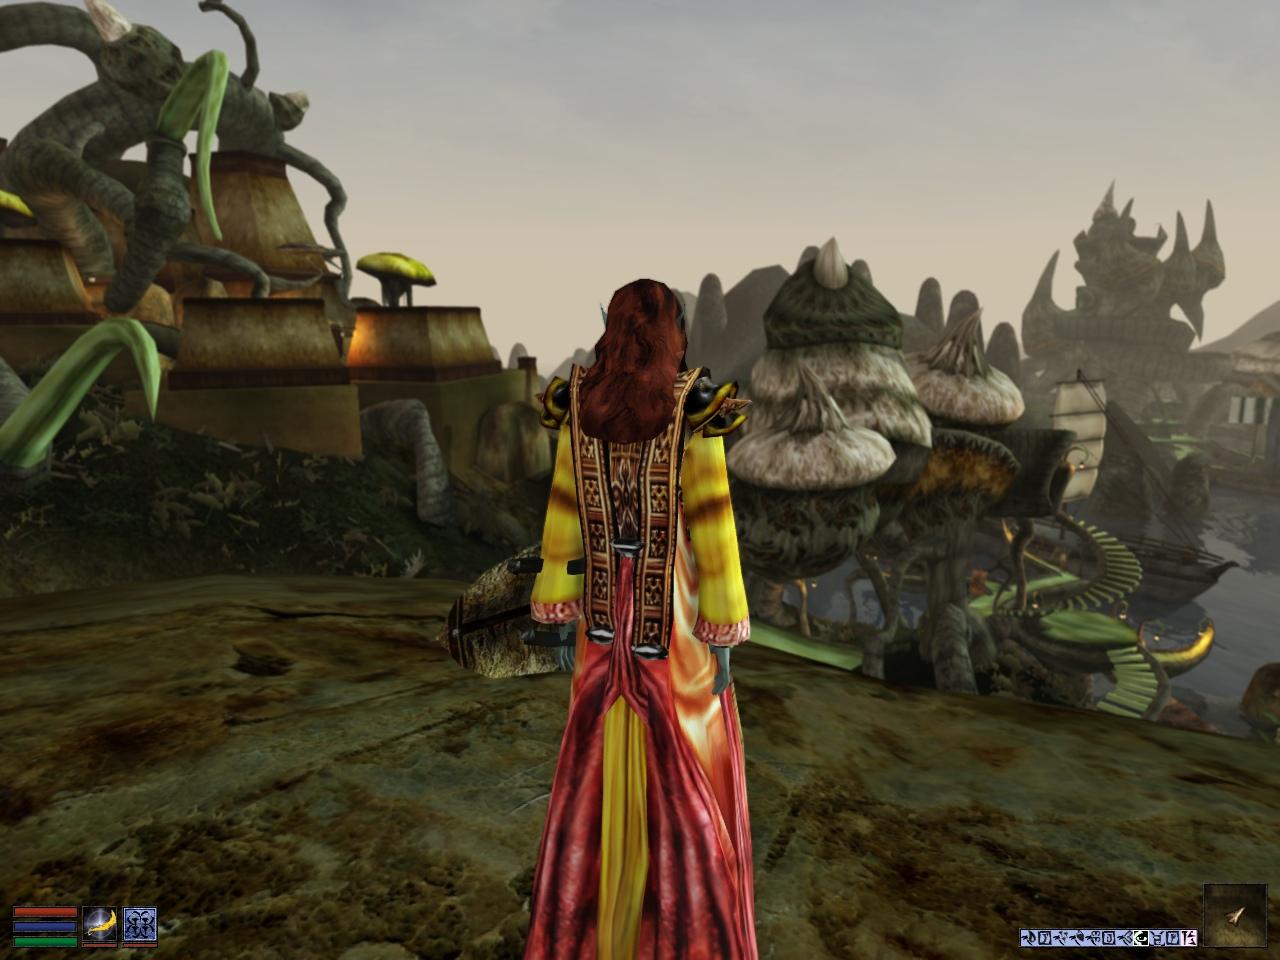 4SZYPgCaRVM.jpg - Elder Scrolls 3: Morrowind, the